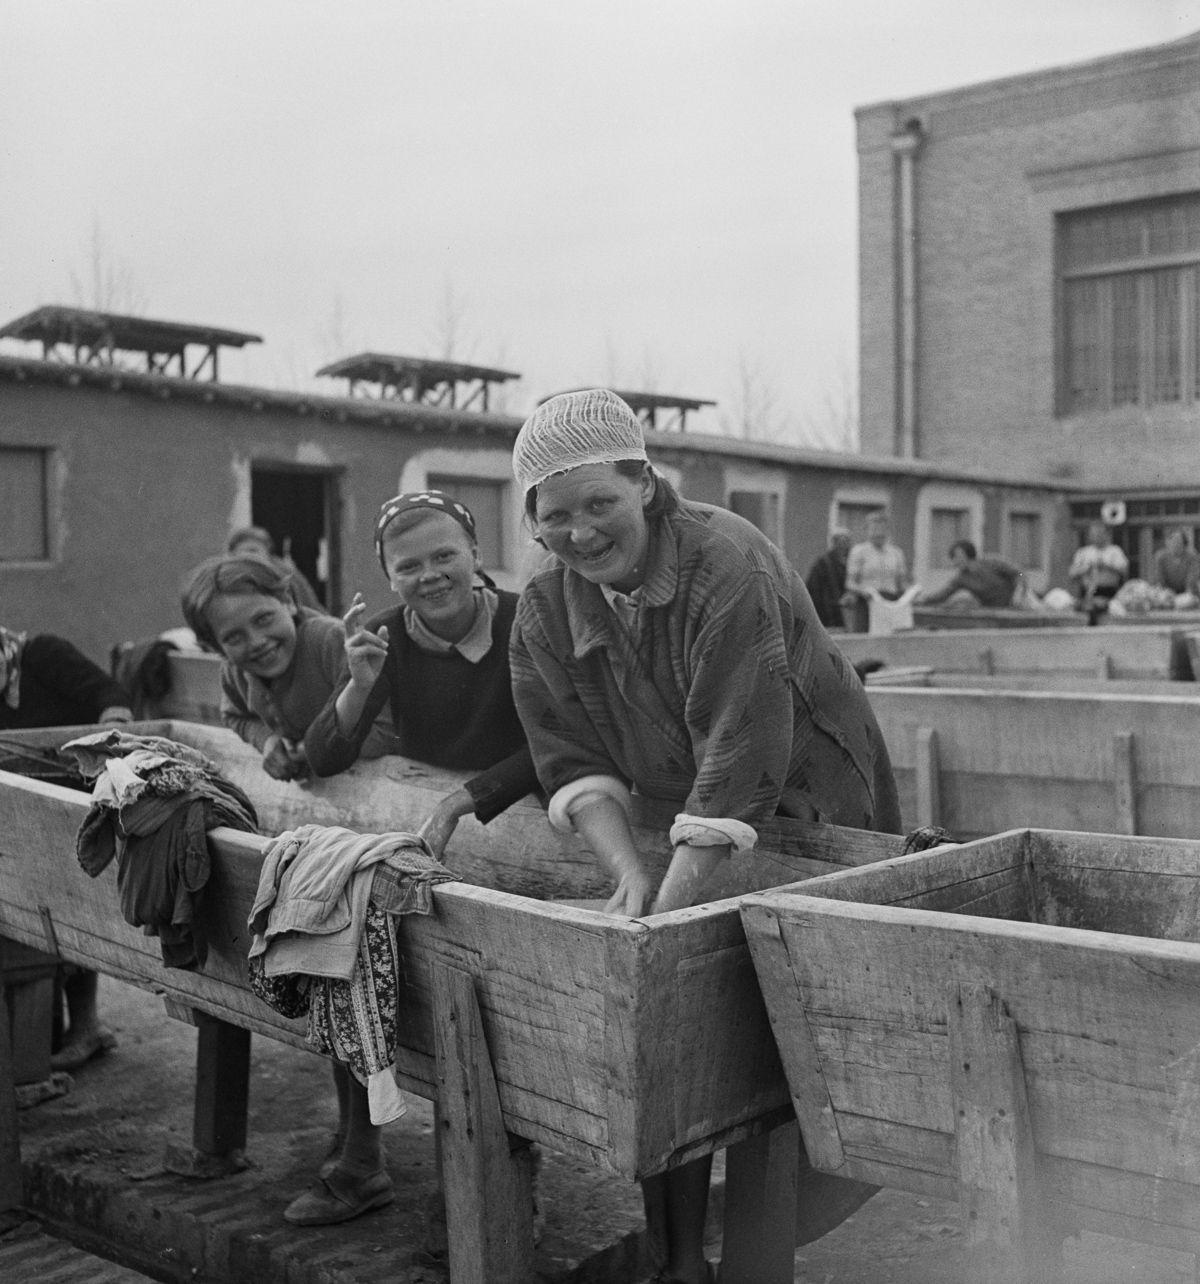 Na Segunda Guerra Mundial, refugiados poloneses encontraram seguran�a no Ir� 17